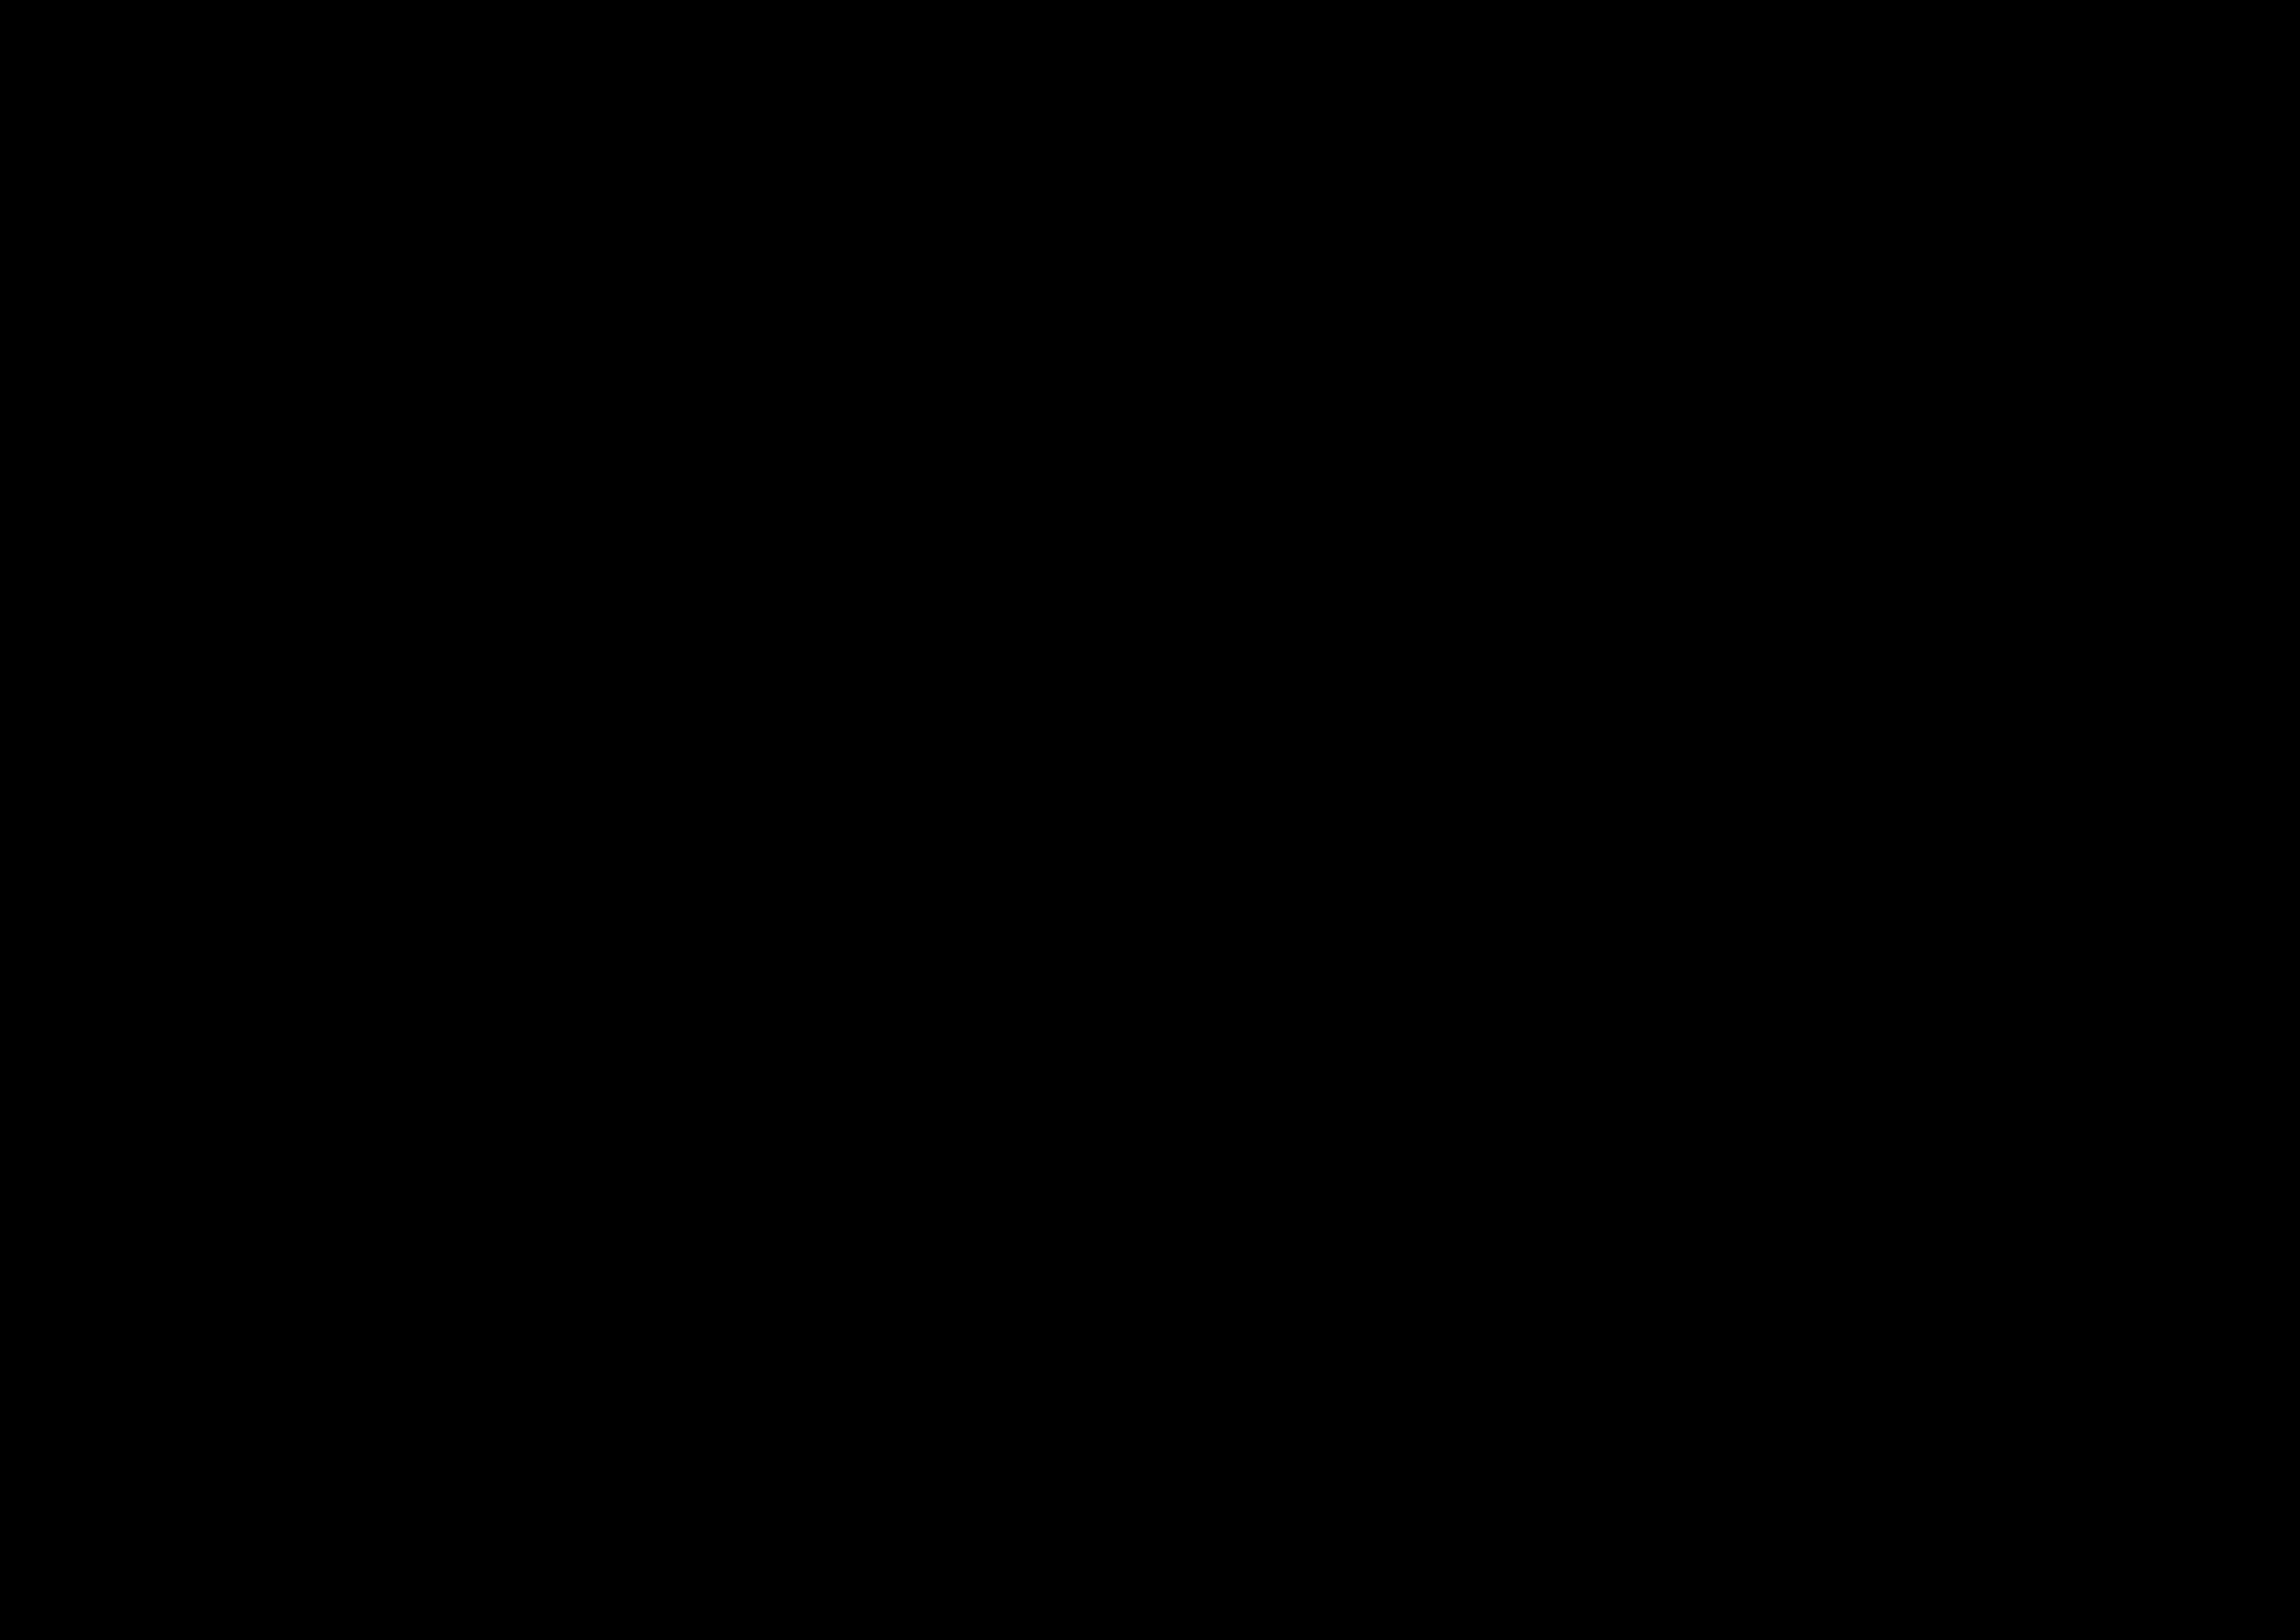 logo keren trump-01